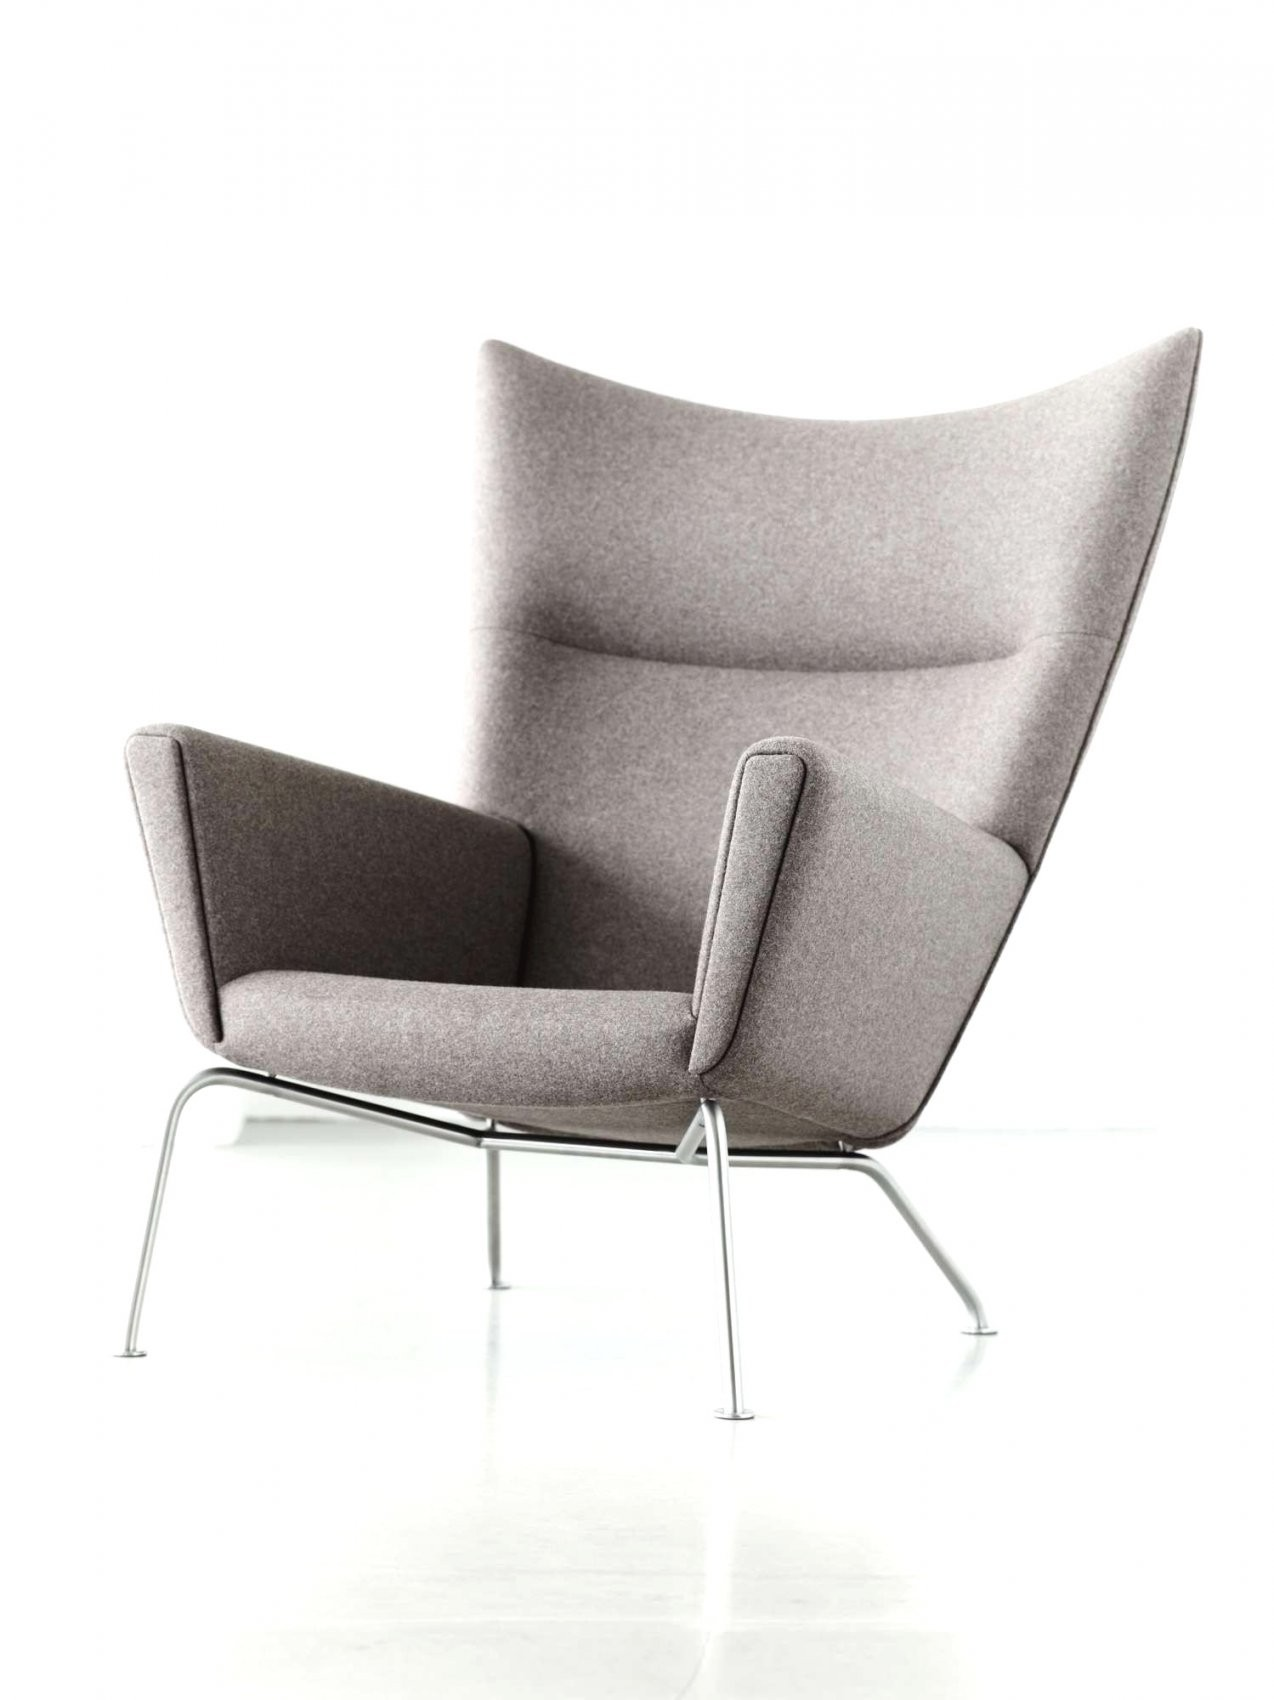 Stühle Lustig Skandinavische Stühle Klassiker Einfach von Skandinavische Stühle Klassiker Photo